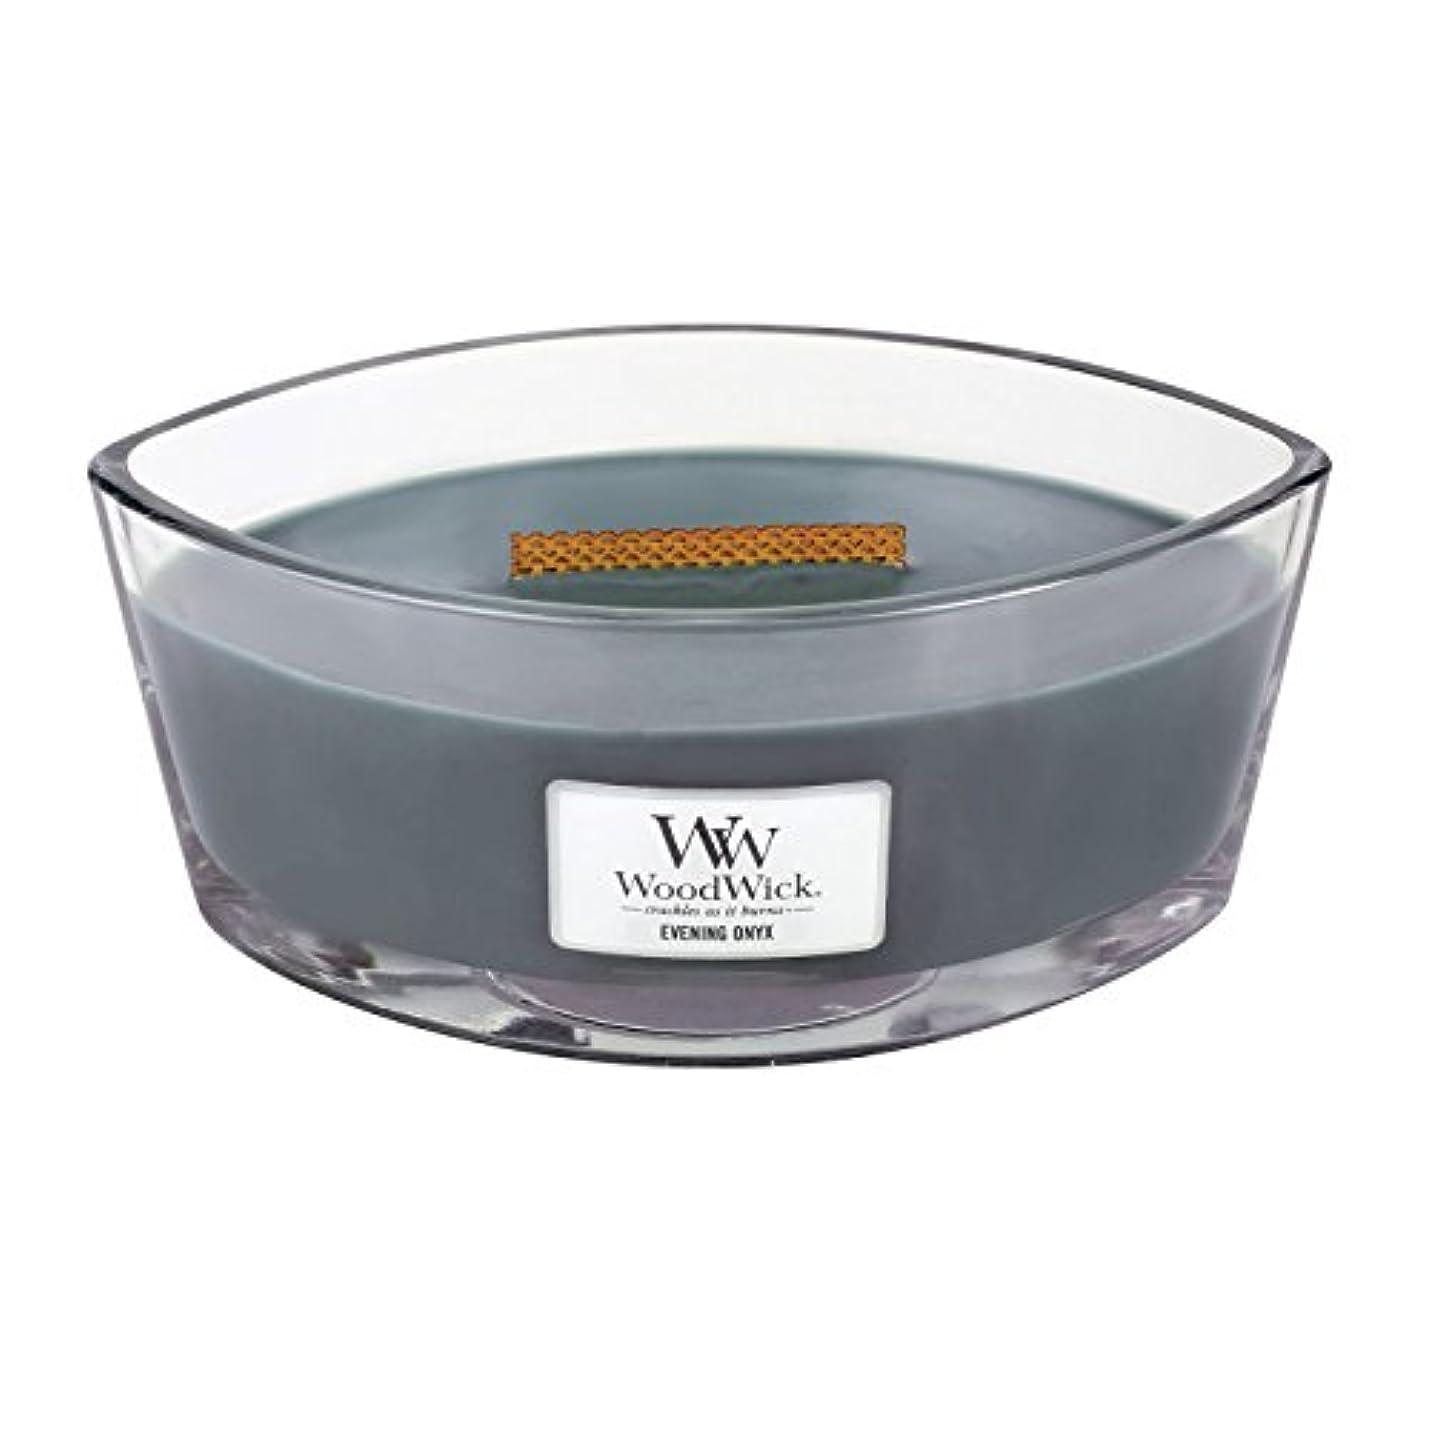 怪物自動化レンディションWoodWick EVENING ONYX, Highly Scented Candle, Ellipse Glass Jar with Original HearthWick Flame, Large 18cm, 470ml